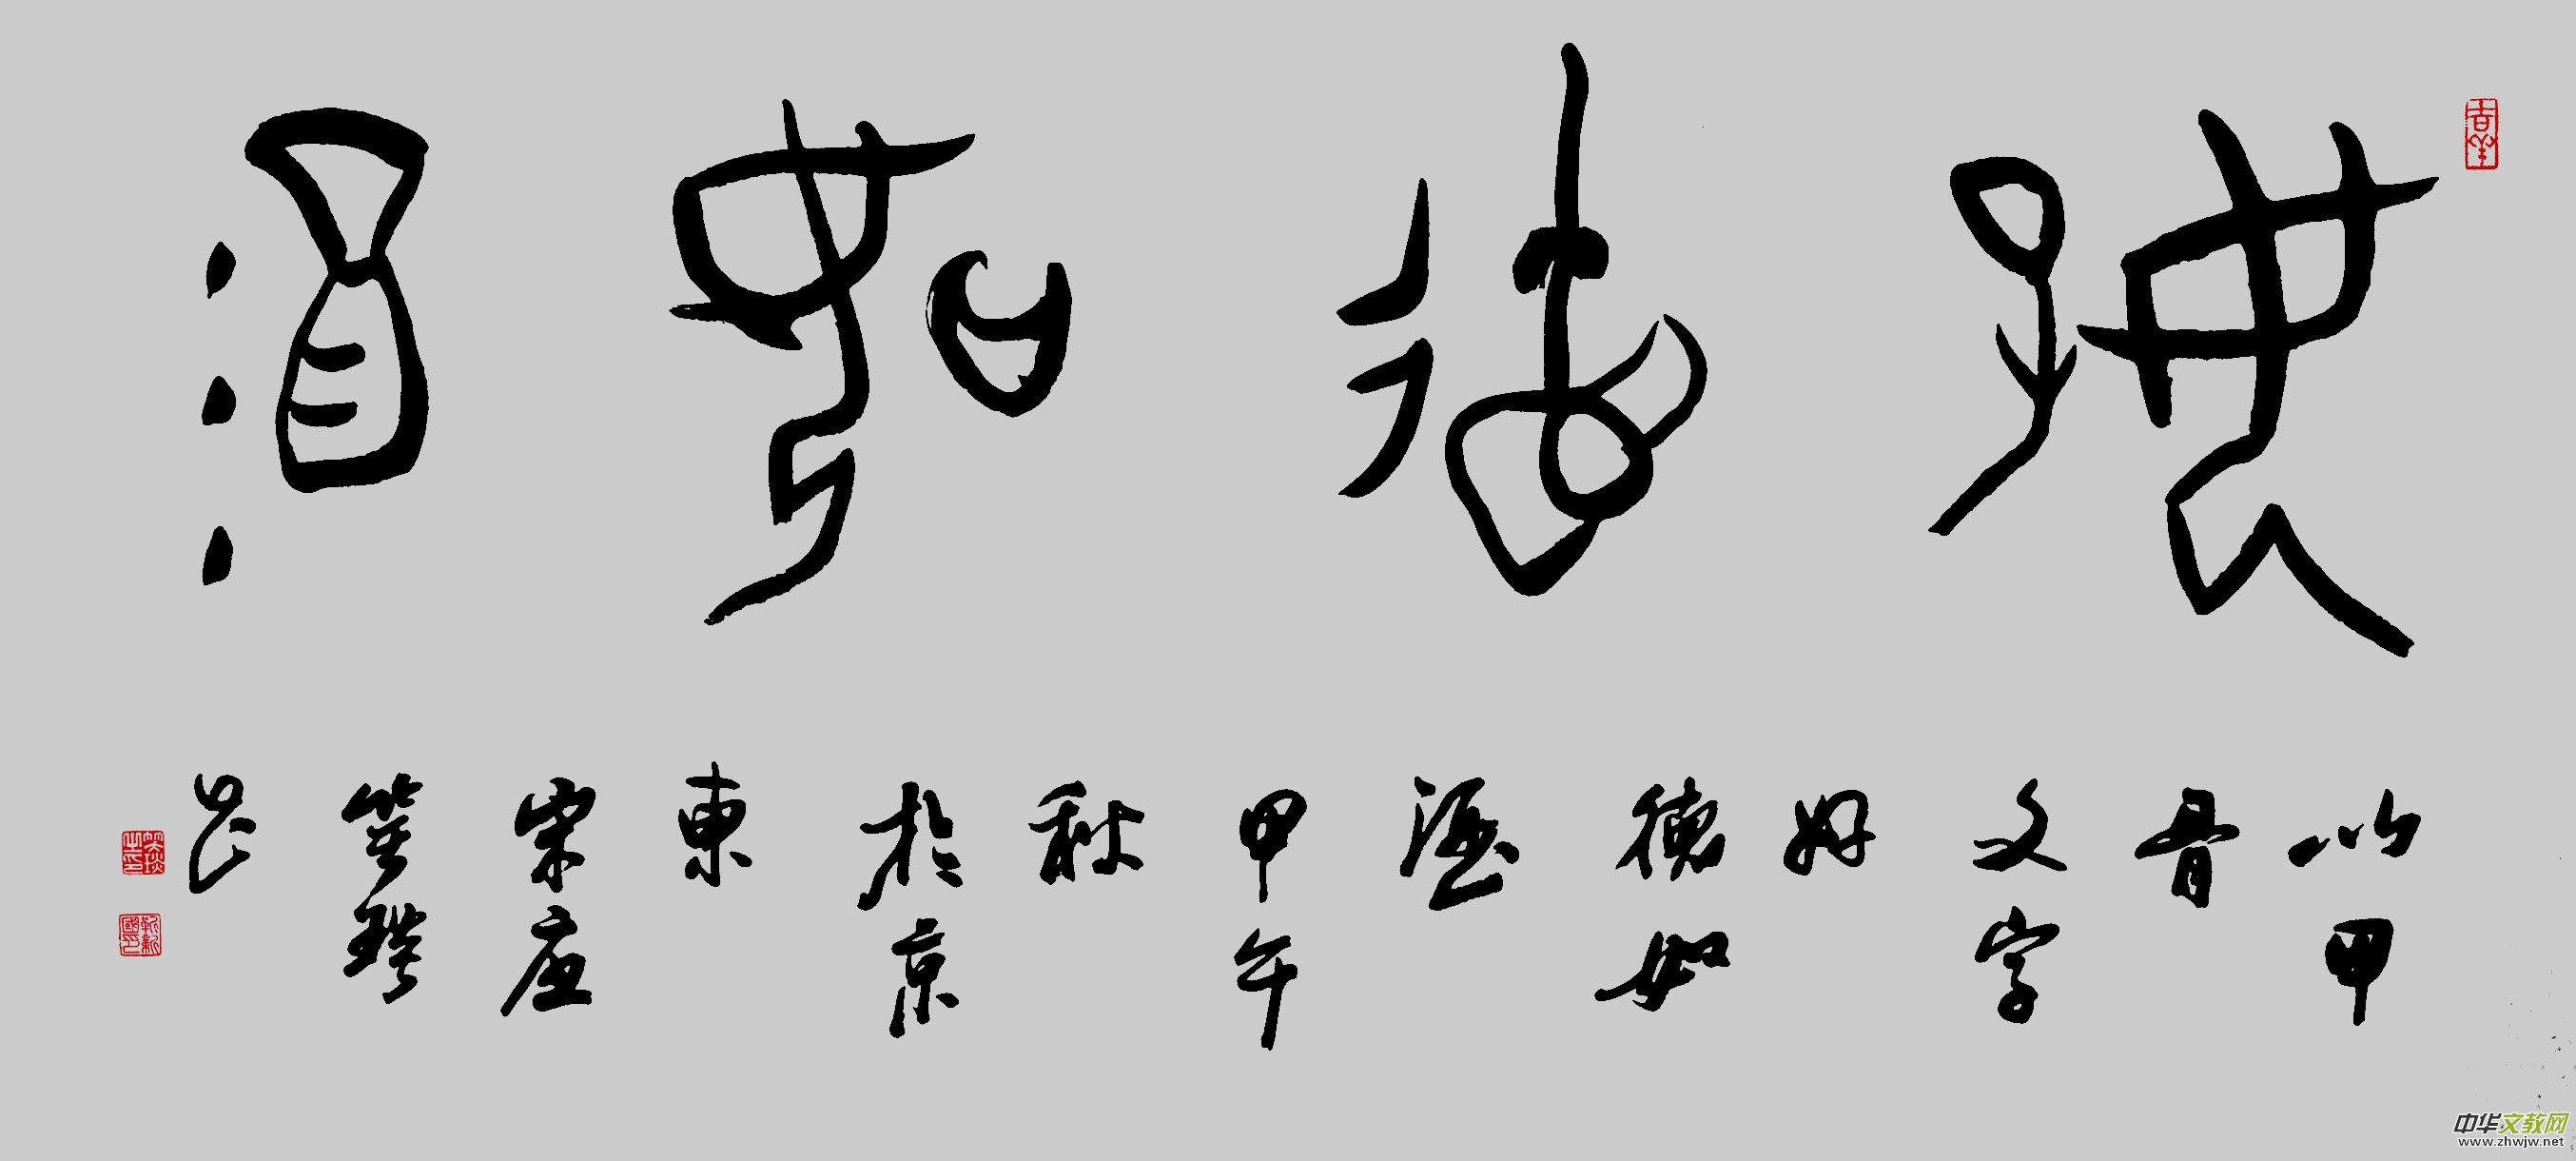 甲骨文书法家靳新国(笑琰)作品赏析